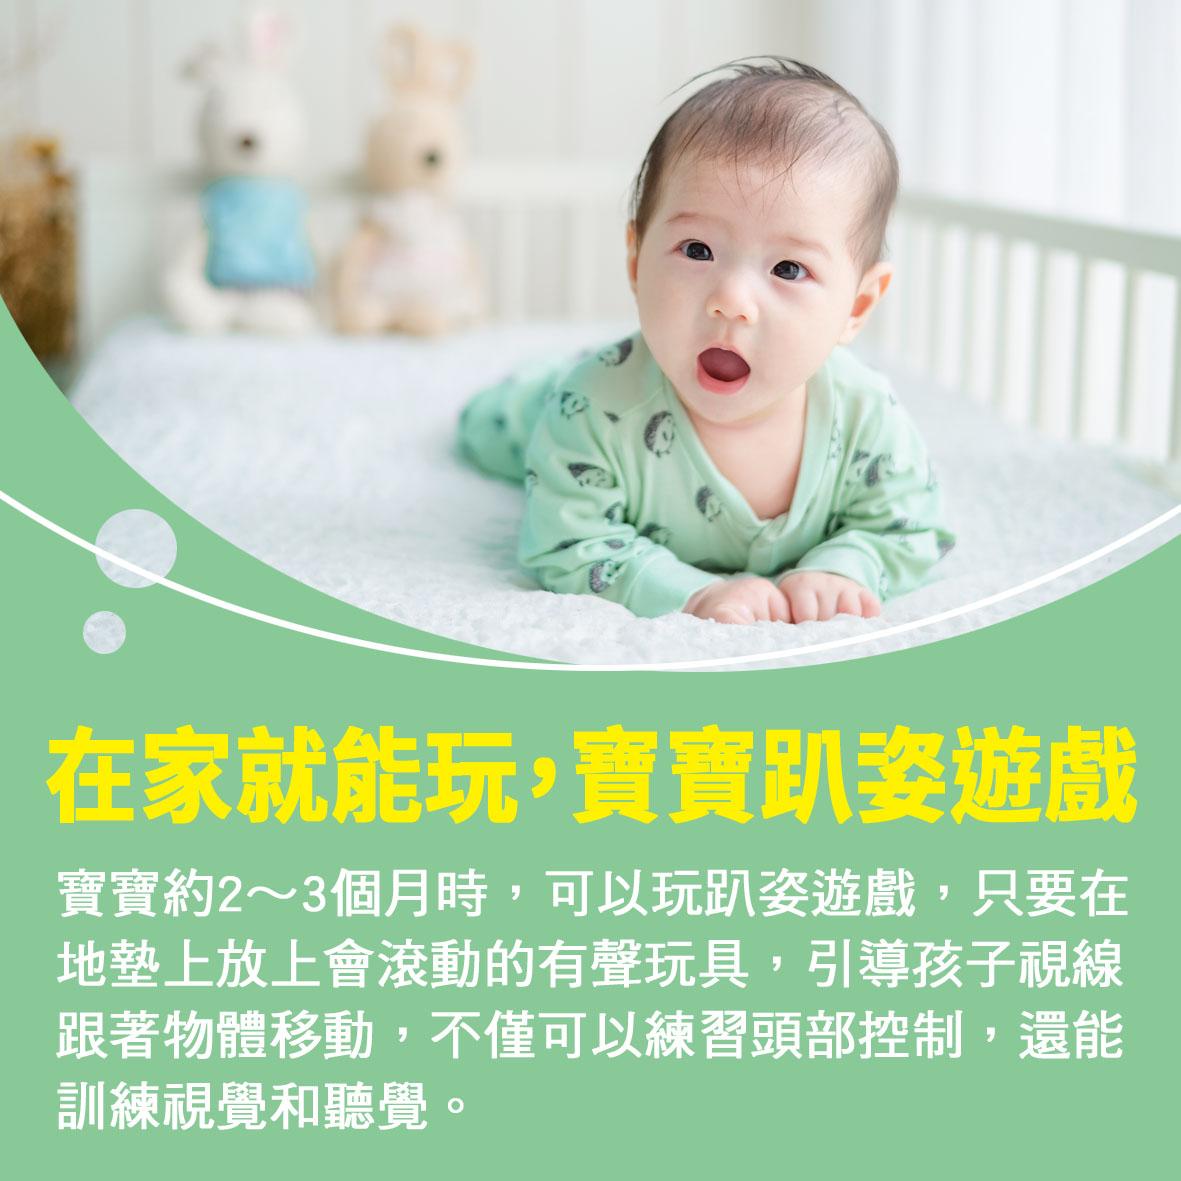 寶寶篇第14週--在家就能玩,寶寶趴姿遊戲